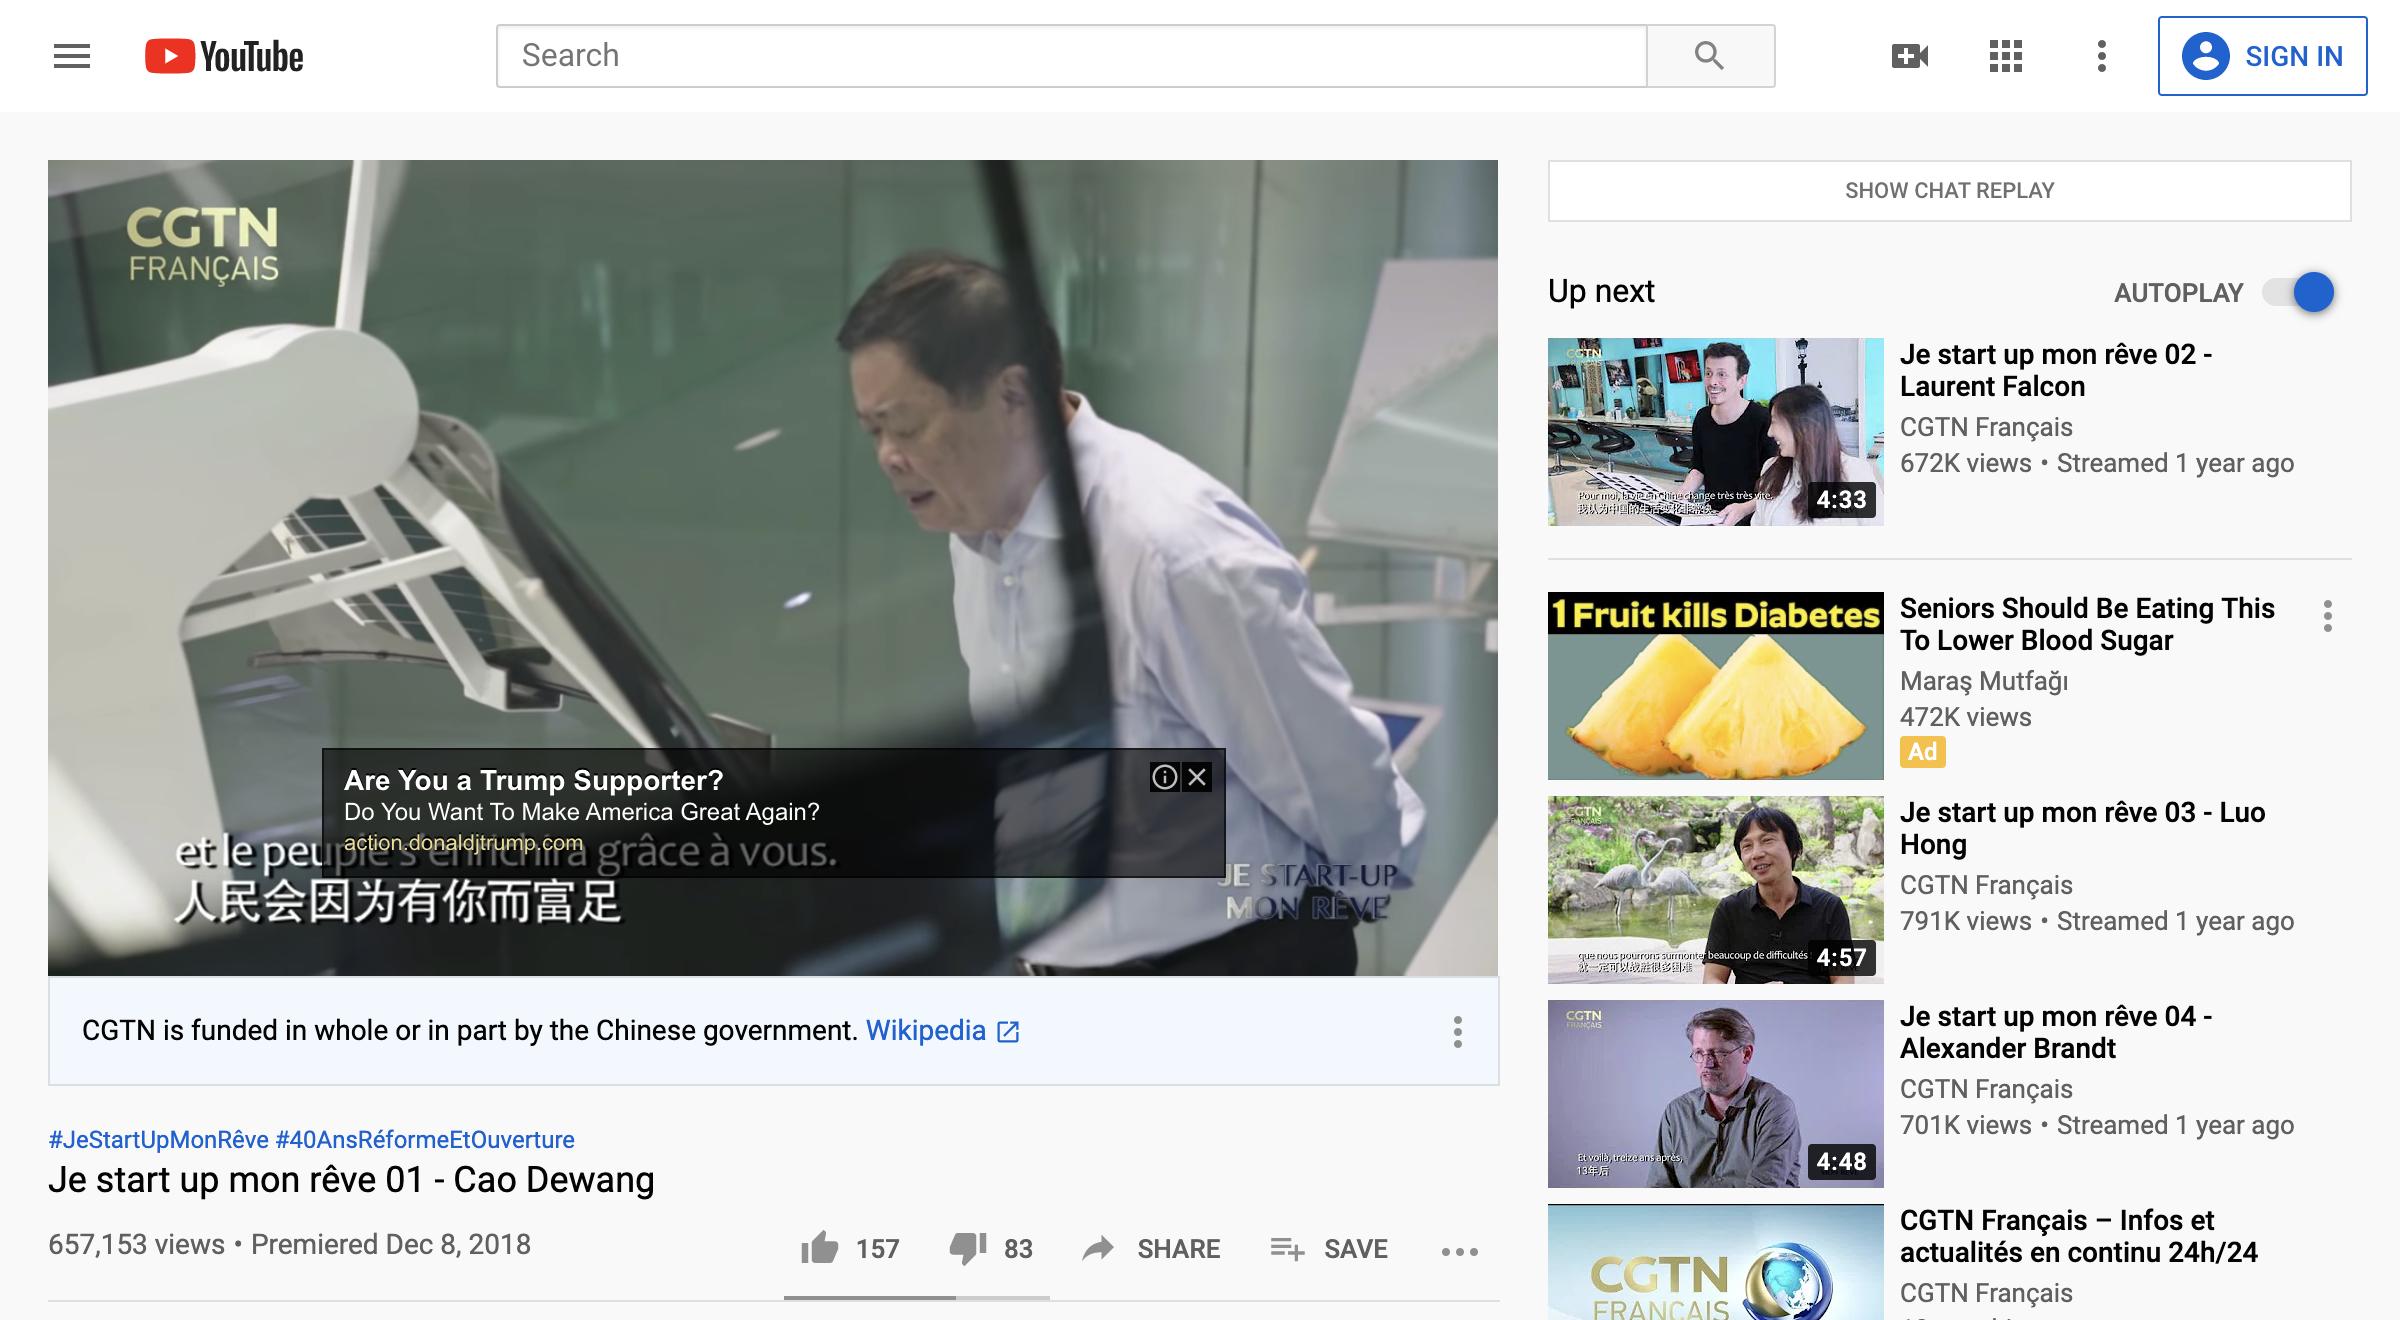 concerne les annonces de campagne de Trump diffusées sur la chaîne YouTube des médias d'État chinois